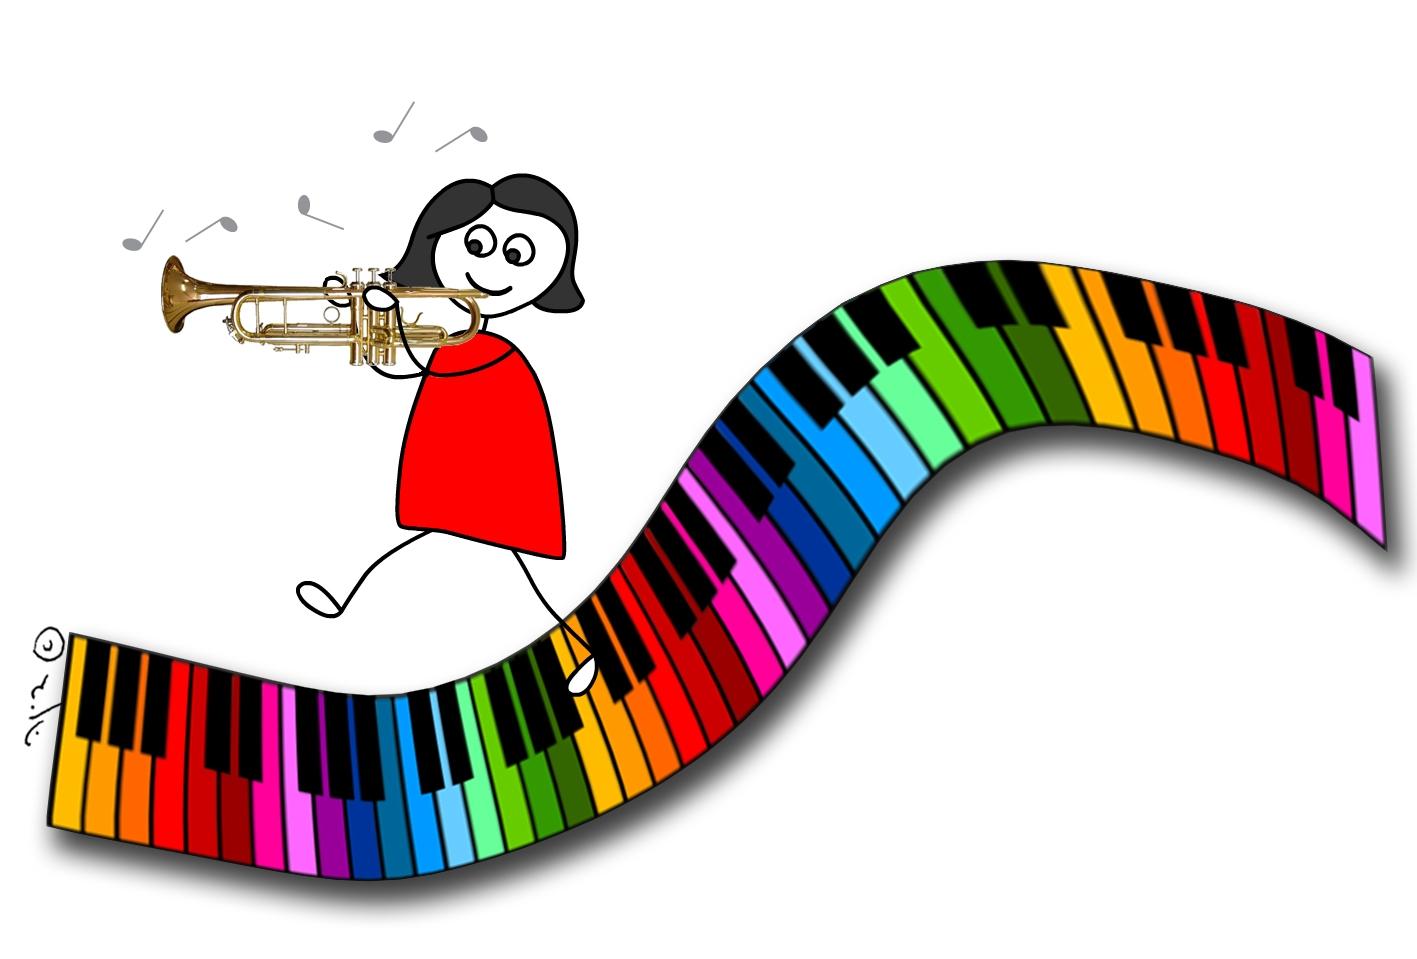 איור של ילדה מנגנת בחצוצרה צועדת על לוח קלידים צבעוני